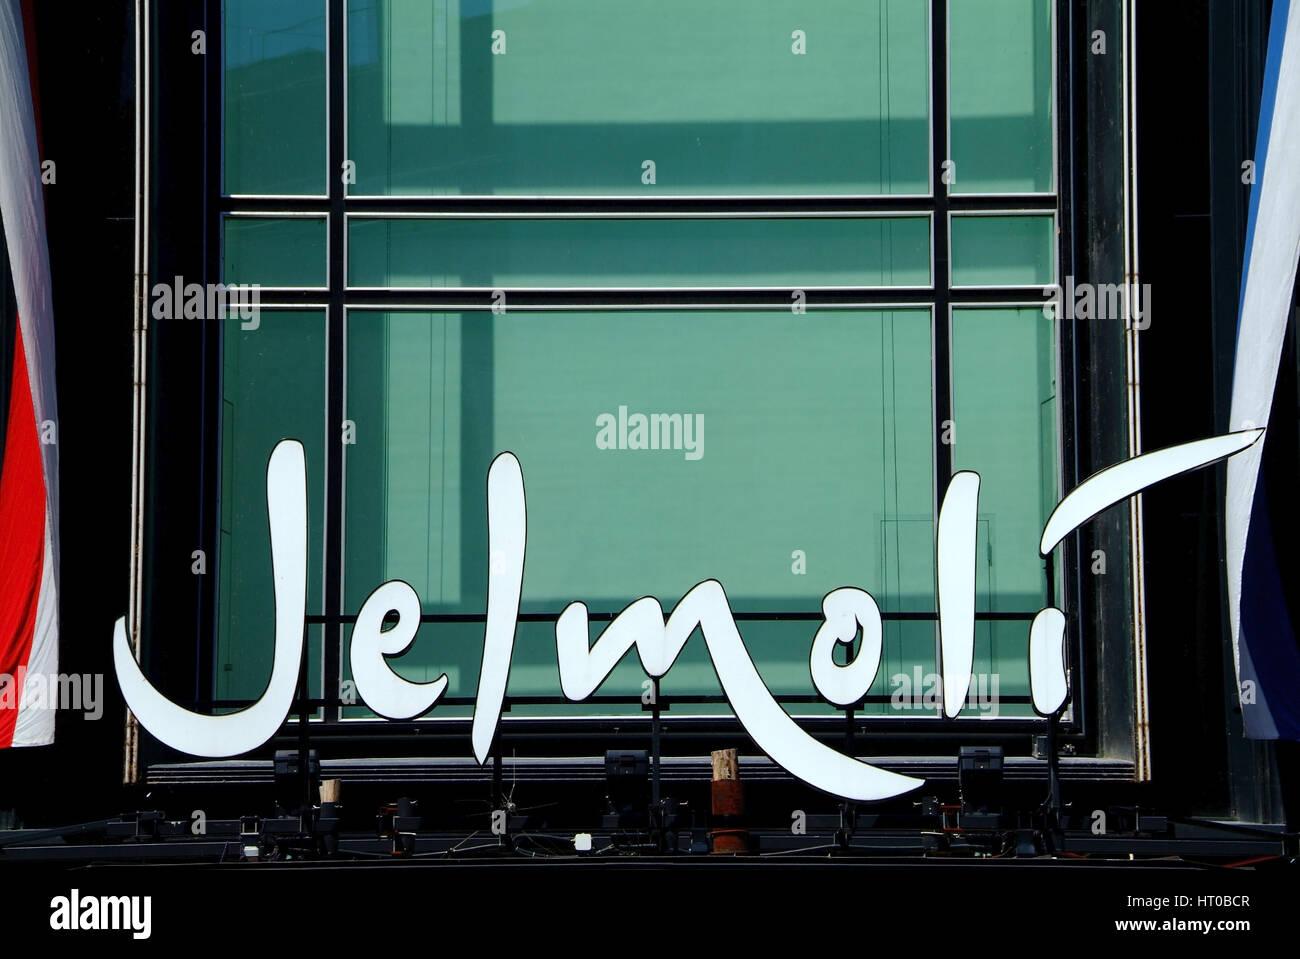 bekanntes Kaufhaus Jelmoli in Zuerich, Schweiz - Swiss department store Jelmoli in Zurich - Stock Image